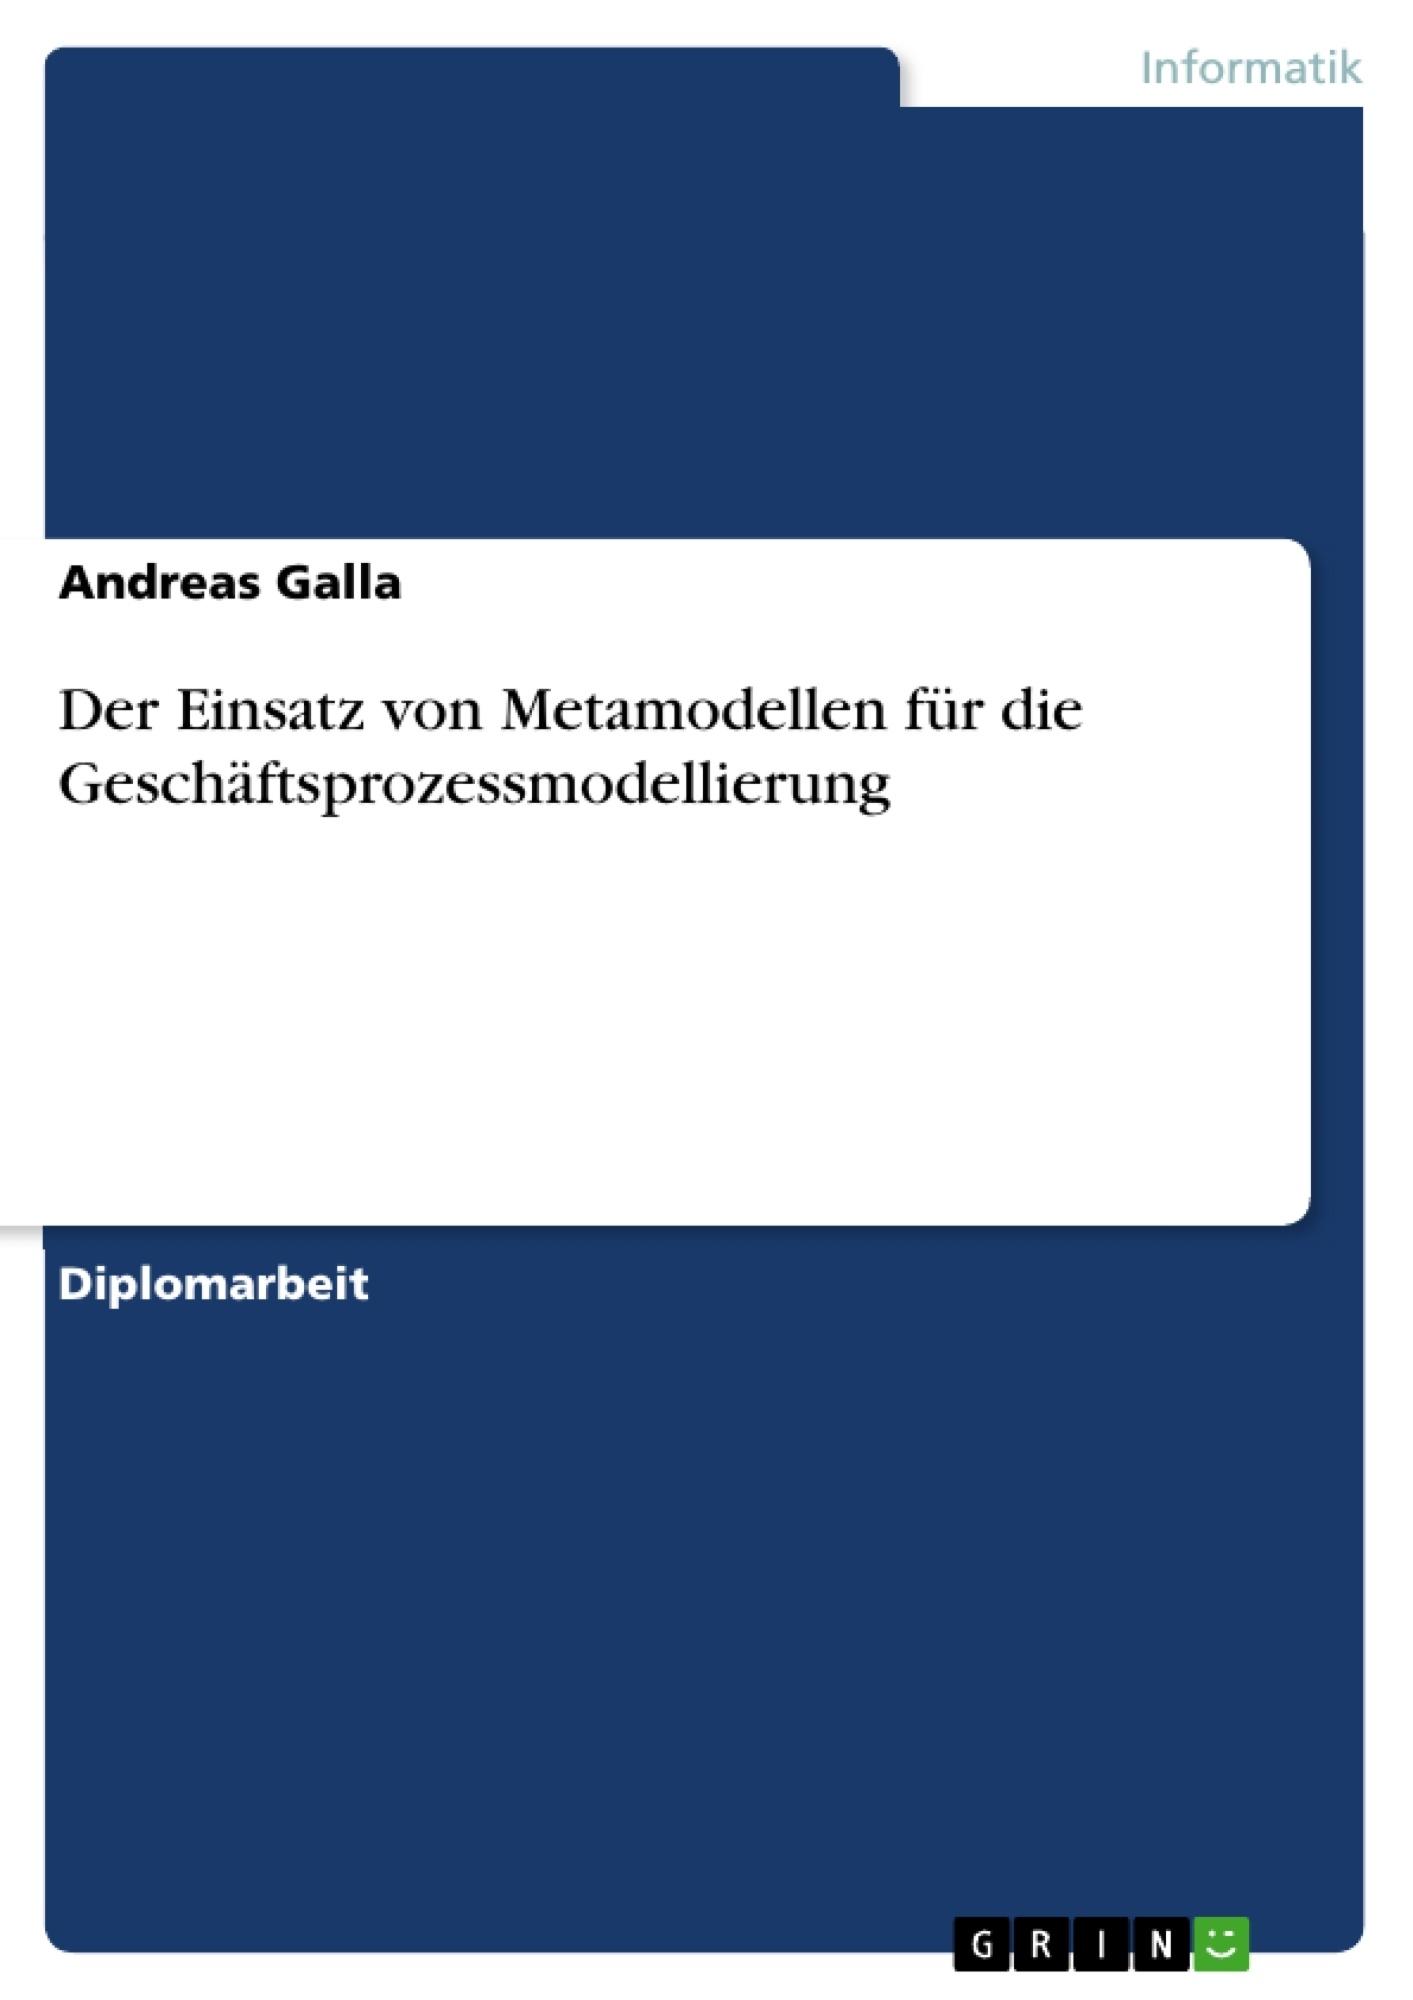 Titel: Der Einsatz von Metamodellen für die Geschäftsprozessmodellierung